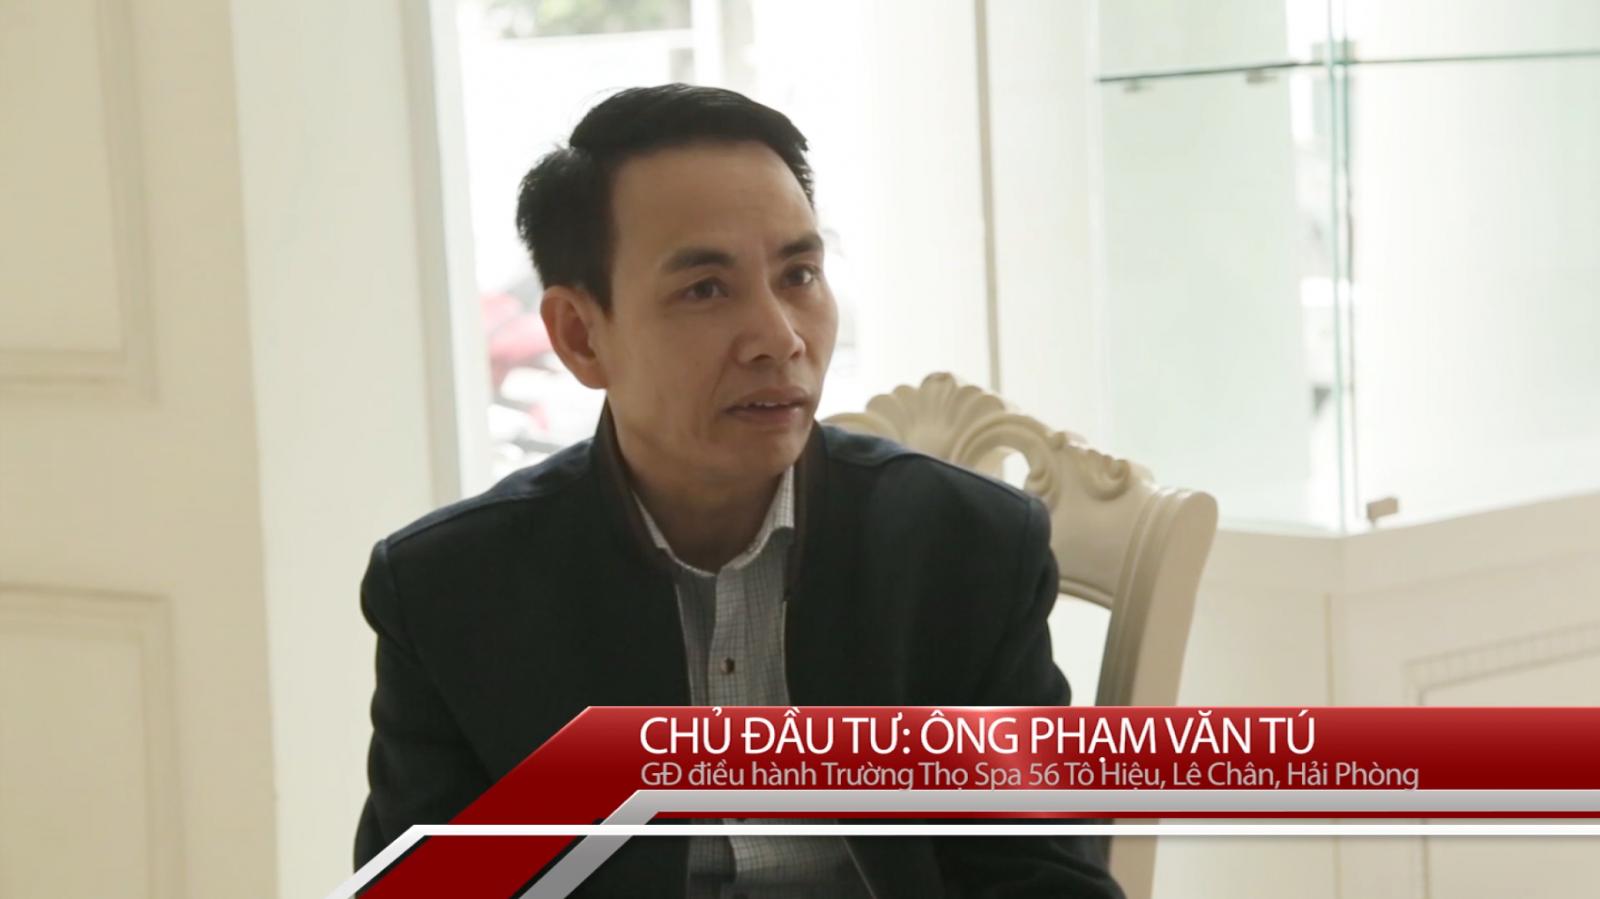 Đánh giá của CĐT Phạm Văn Tú- Công trình Trường Thọ Spa